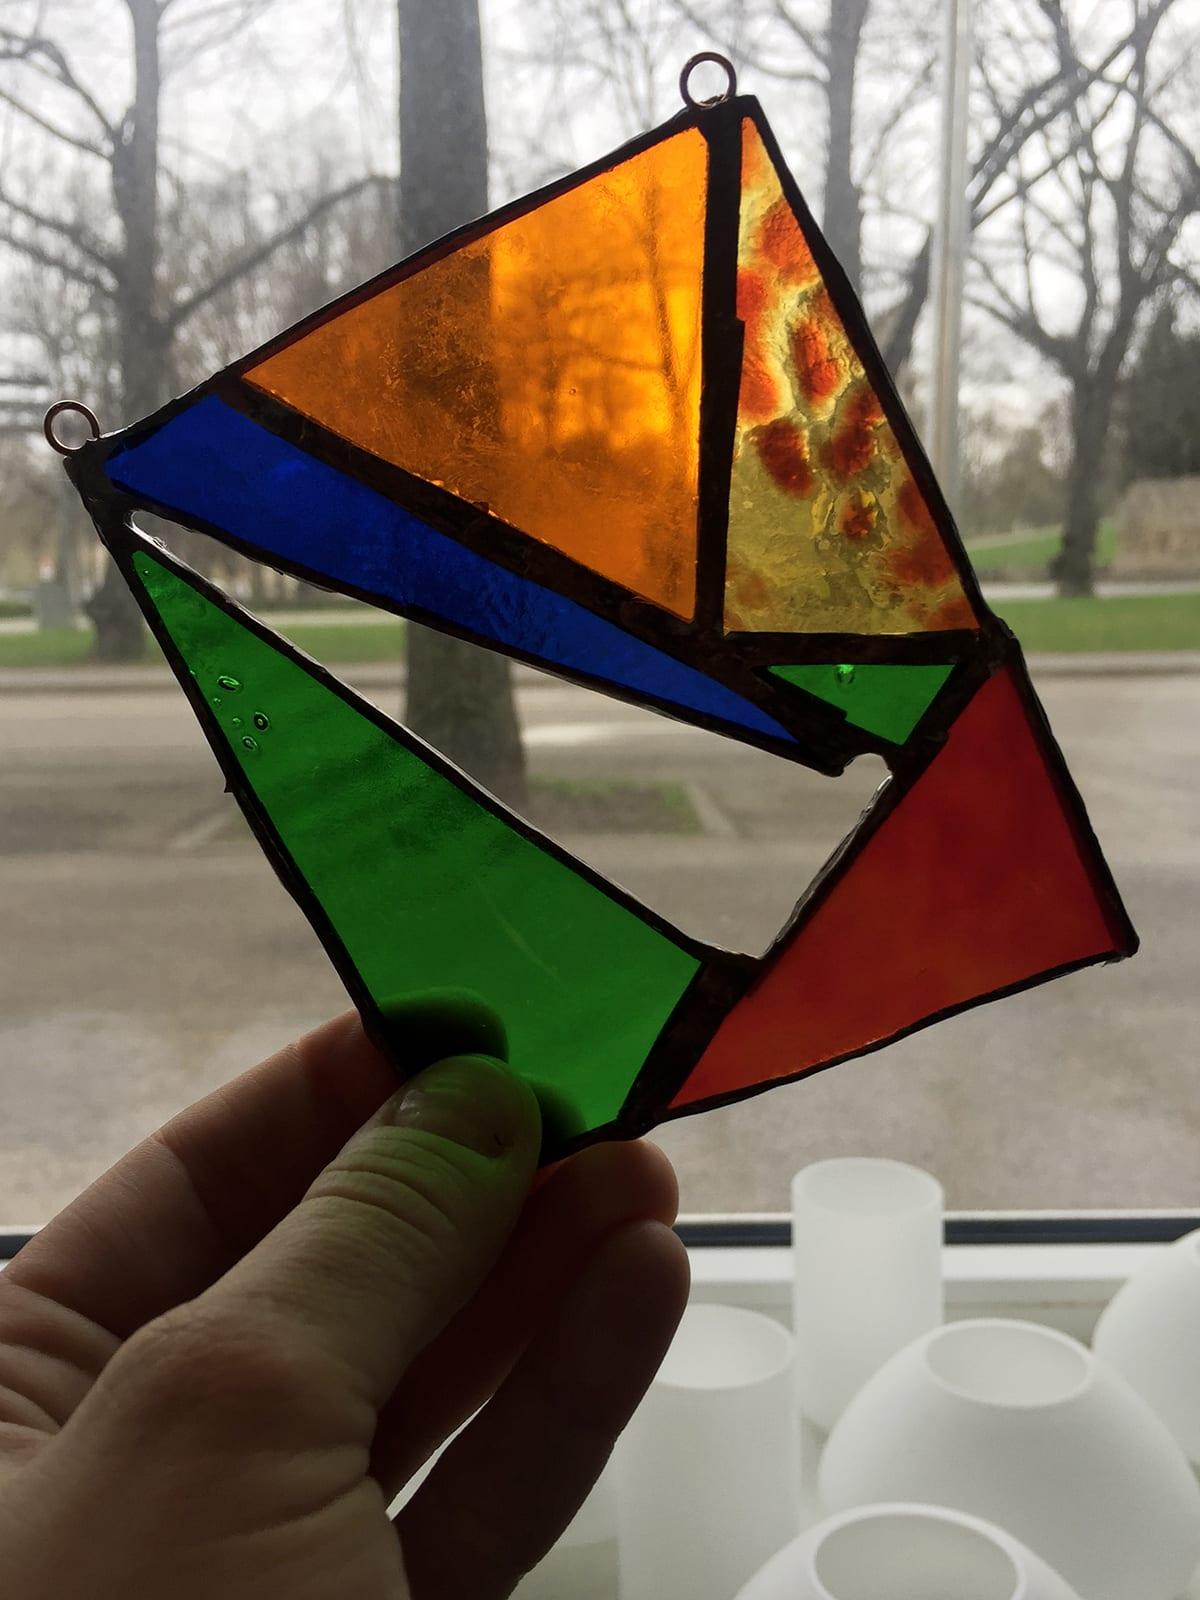 Pašdarināts stikla dekors Tiffany tehnikā. Glass Point